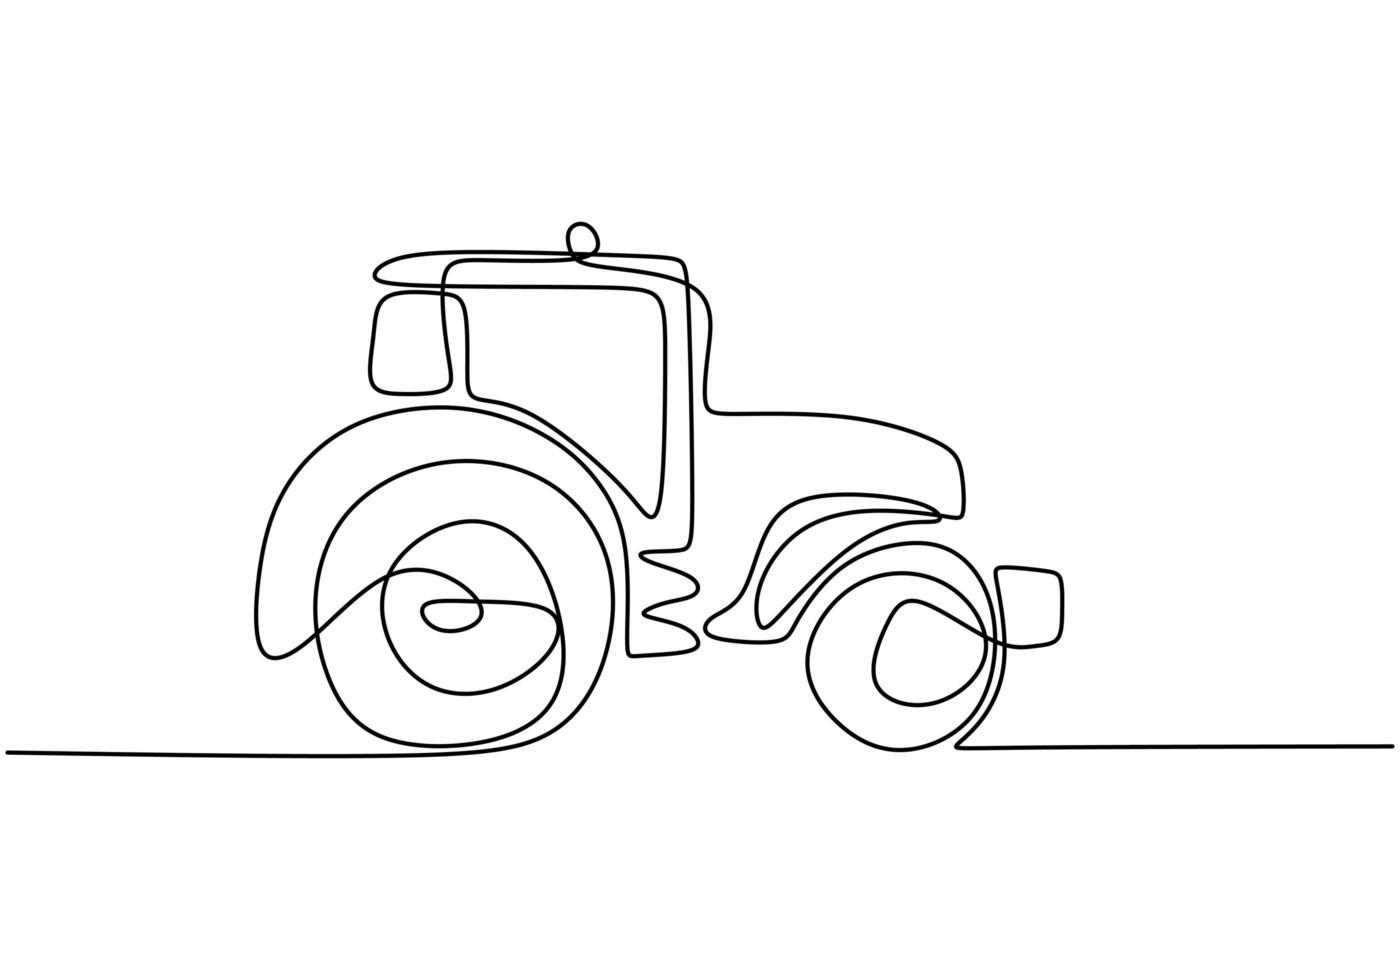 doorlopende lijntekening van vintage raceauto rijden op stoffige weg. oude retro vintage auto. vector